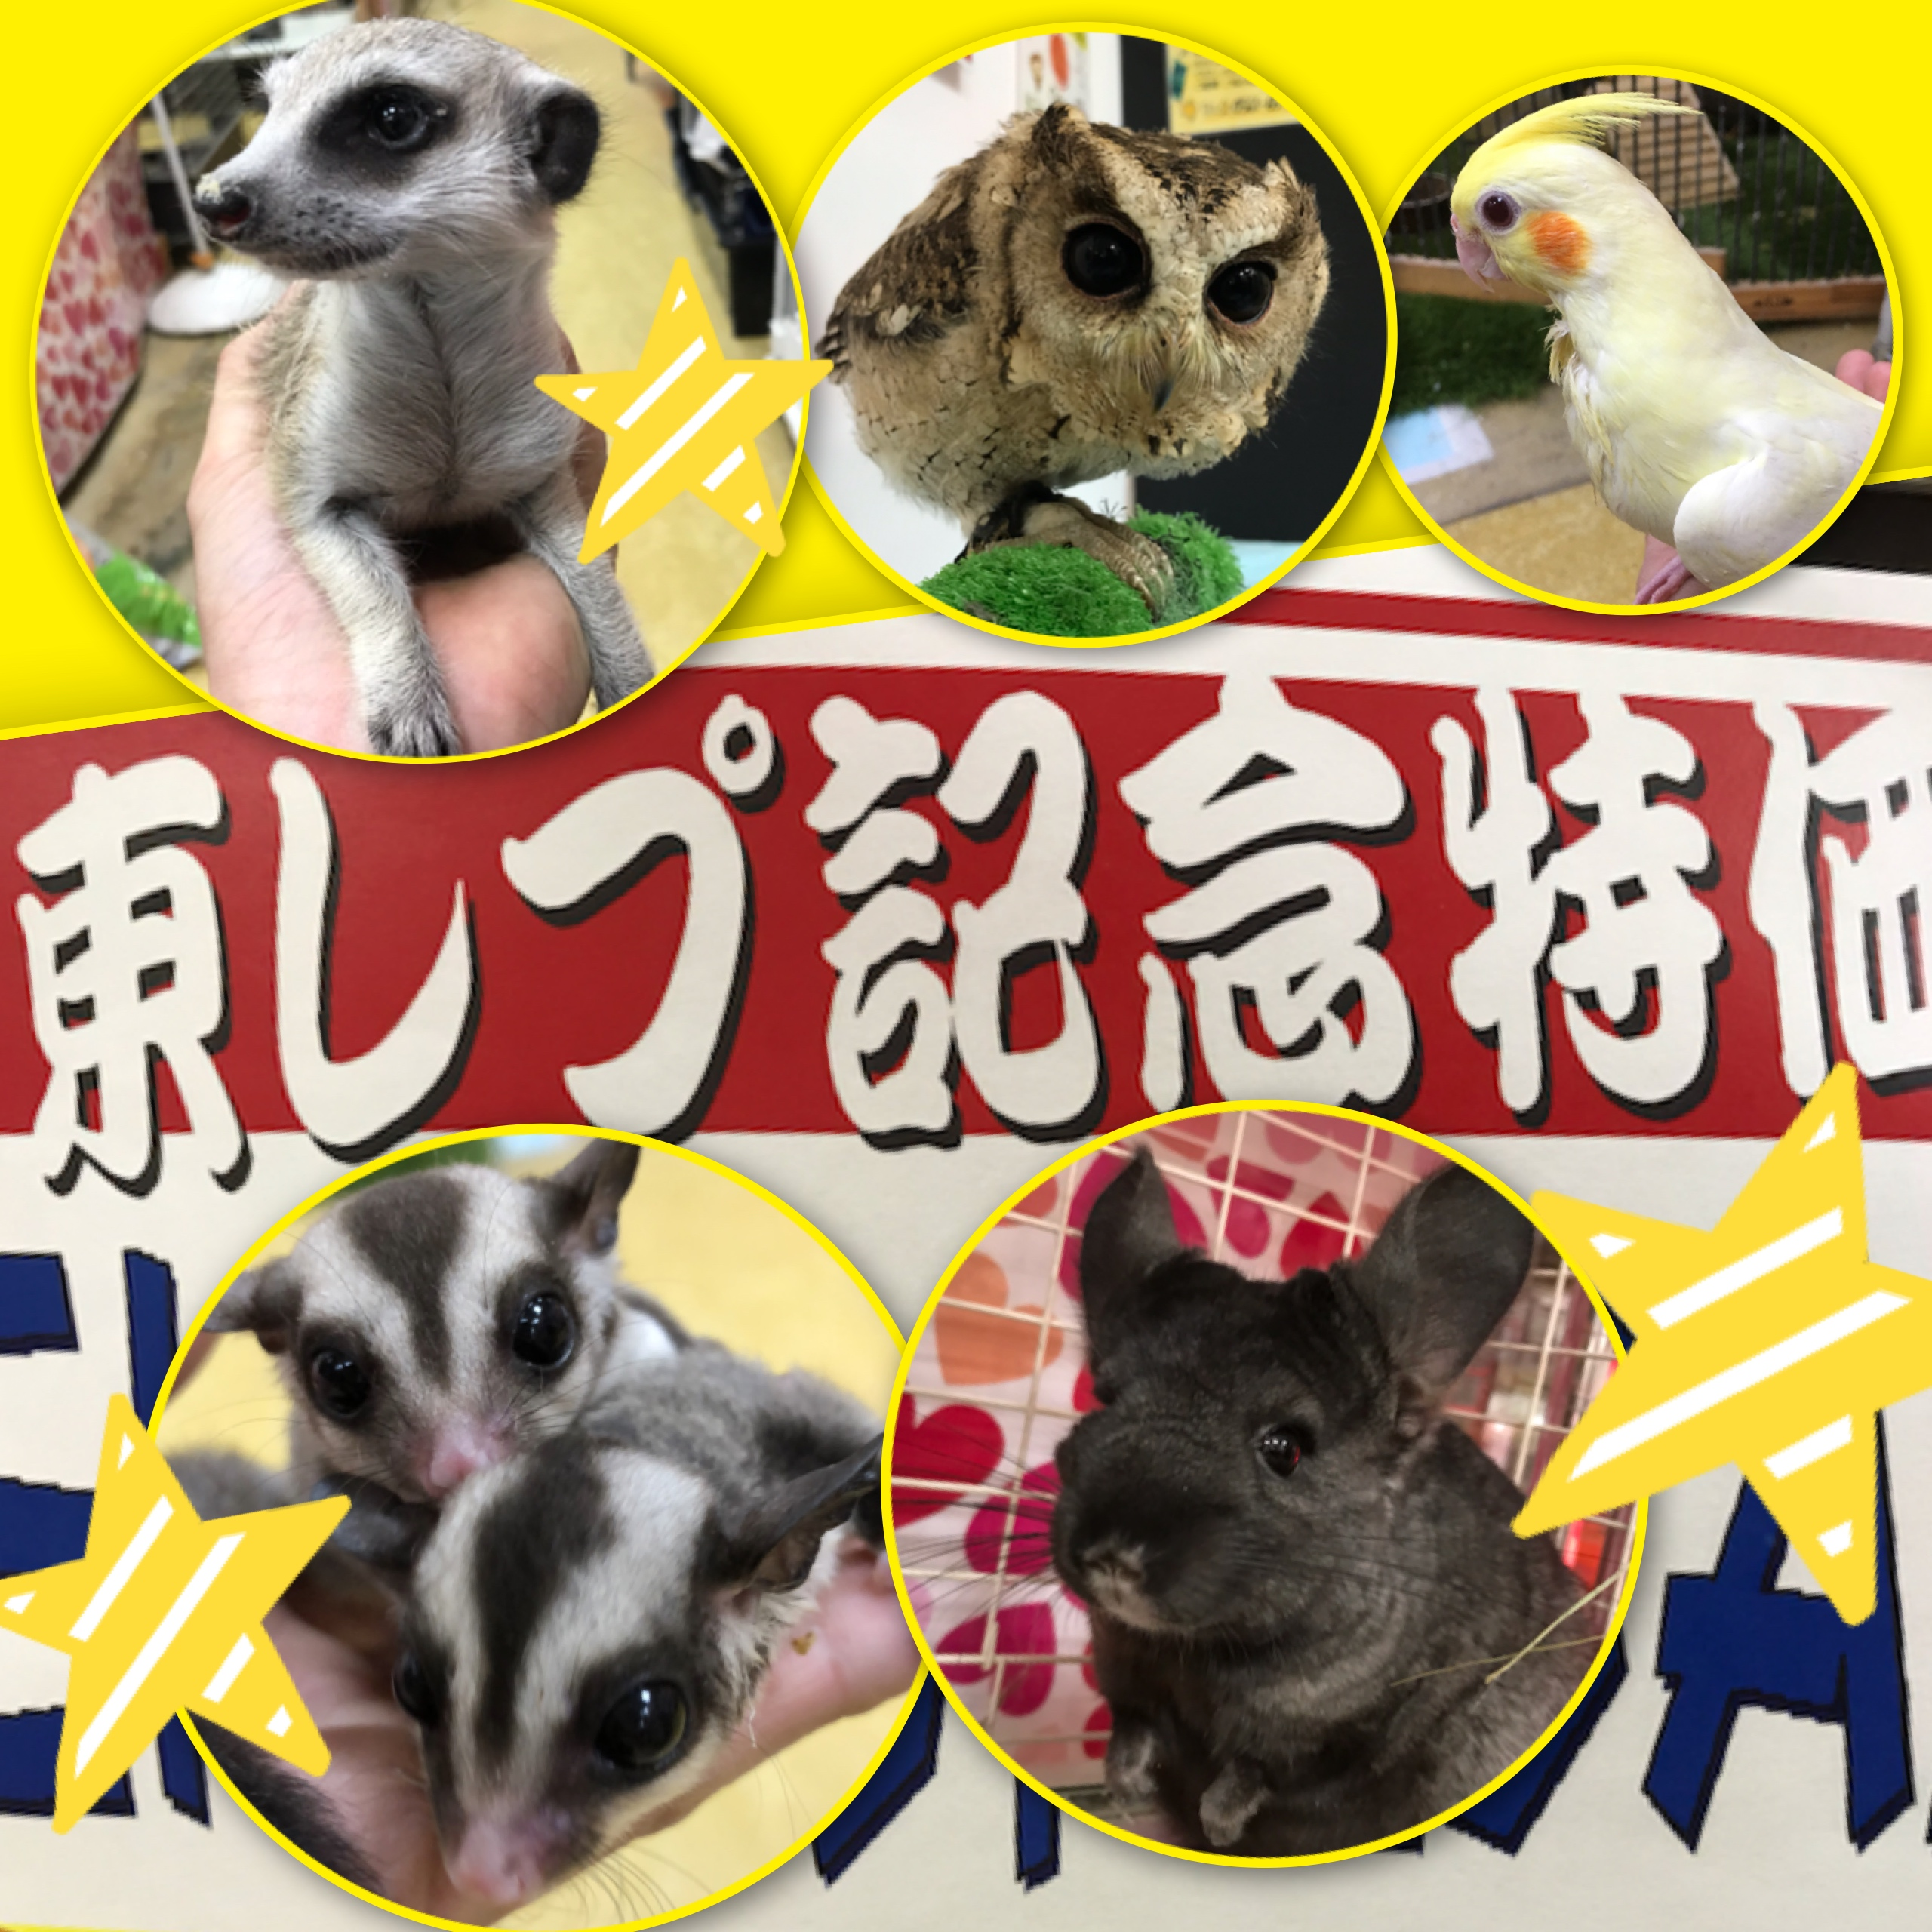 【インター小動物】土日はハッスル!!東レプ記念特価開催でーす☆彡